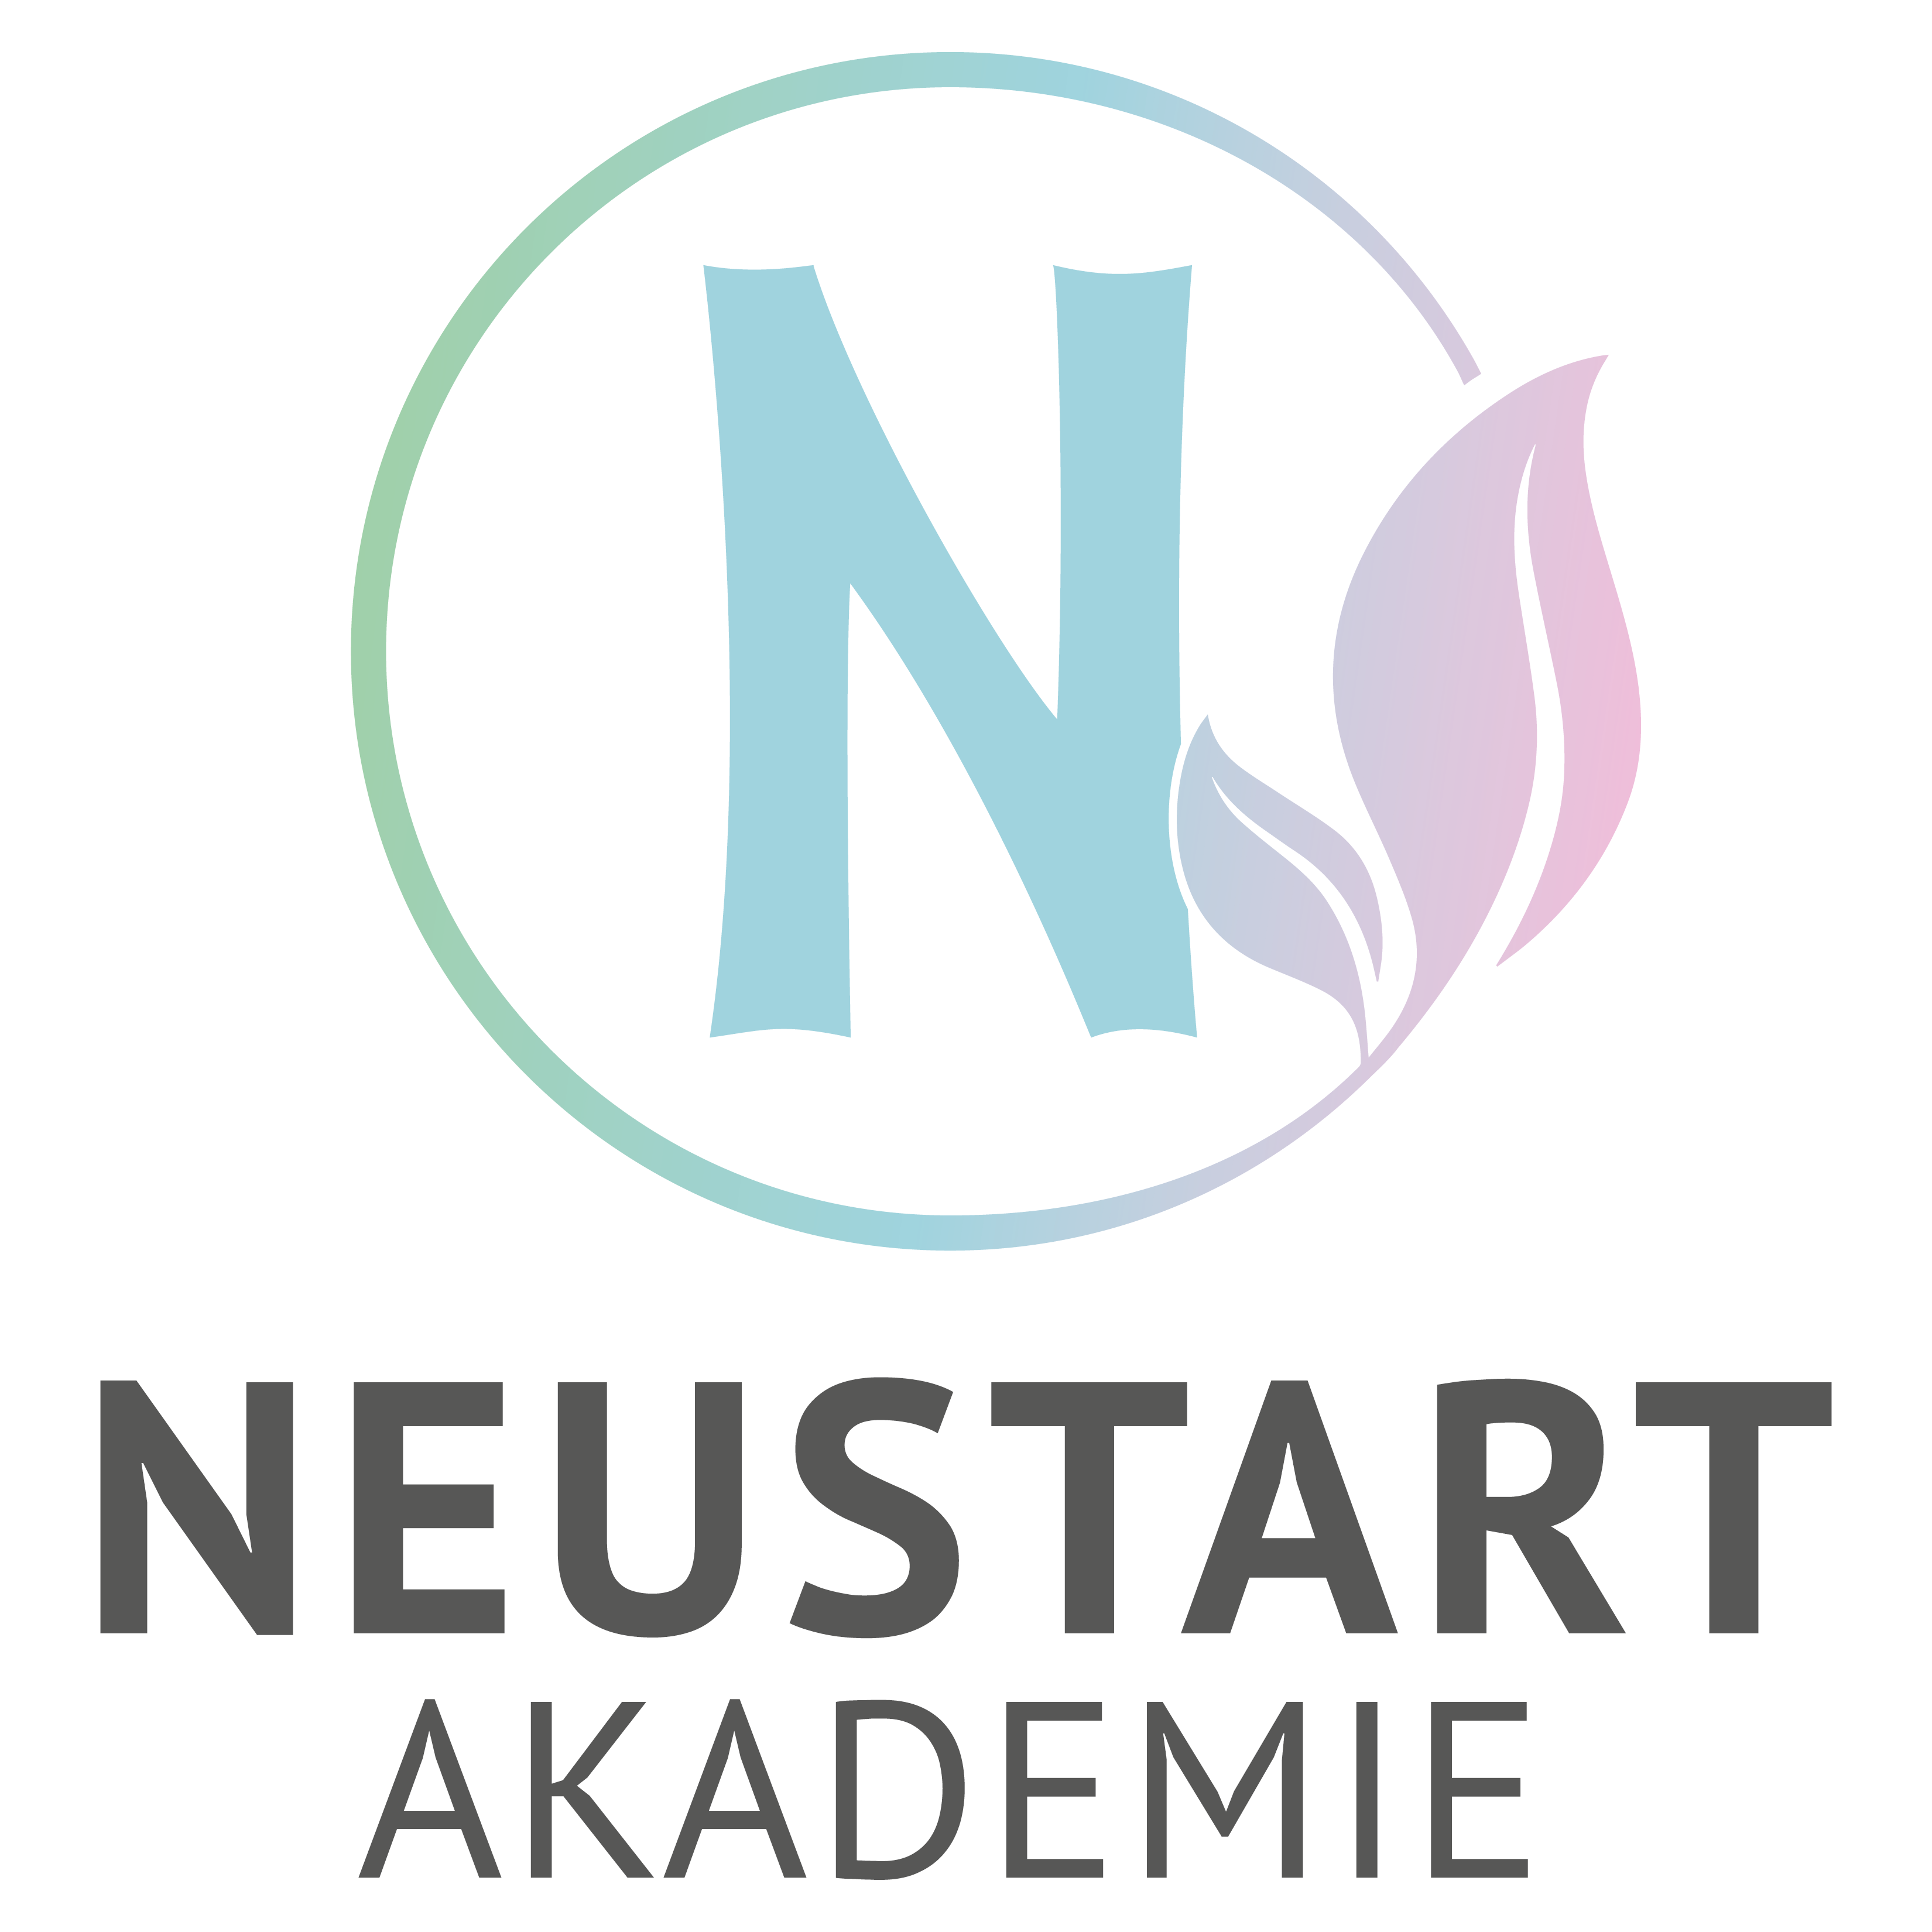 Neustart Akademie